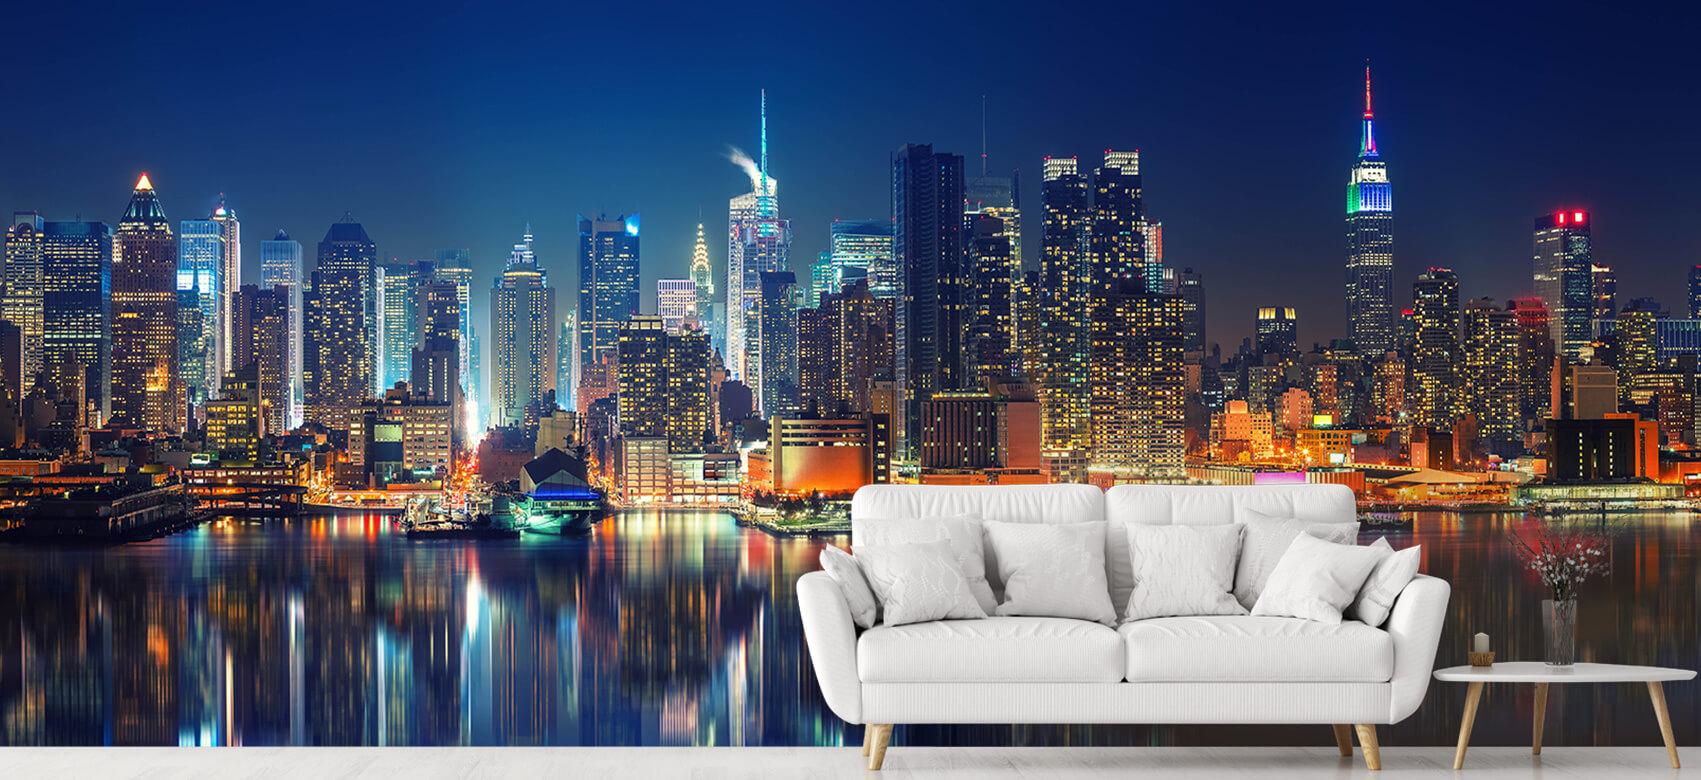 World & Cities Photo wallpaper New York skyline at night 5